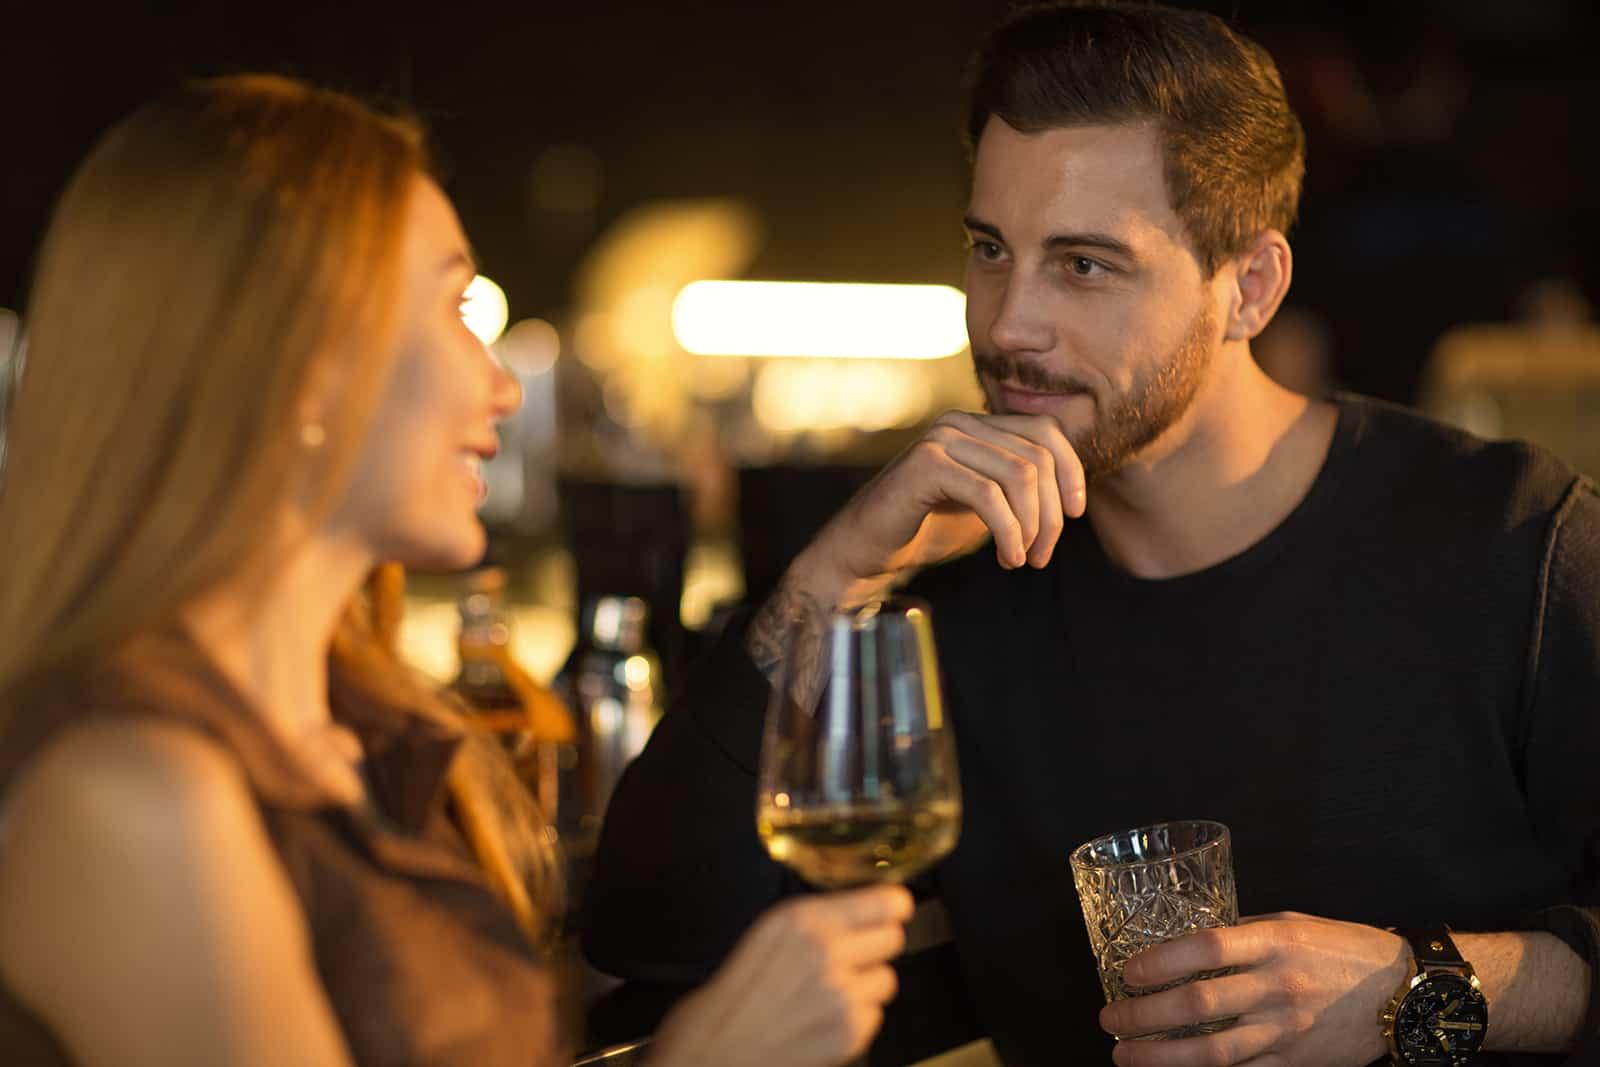 gutaussehender Mann, der einer schönen Frau zuhört, während er zusammen etwas trinkt